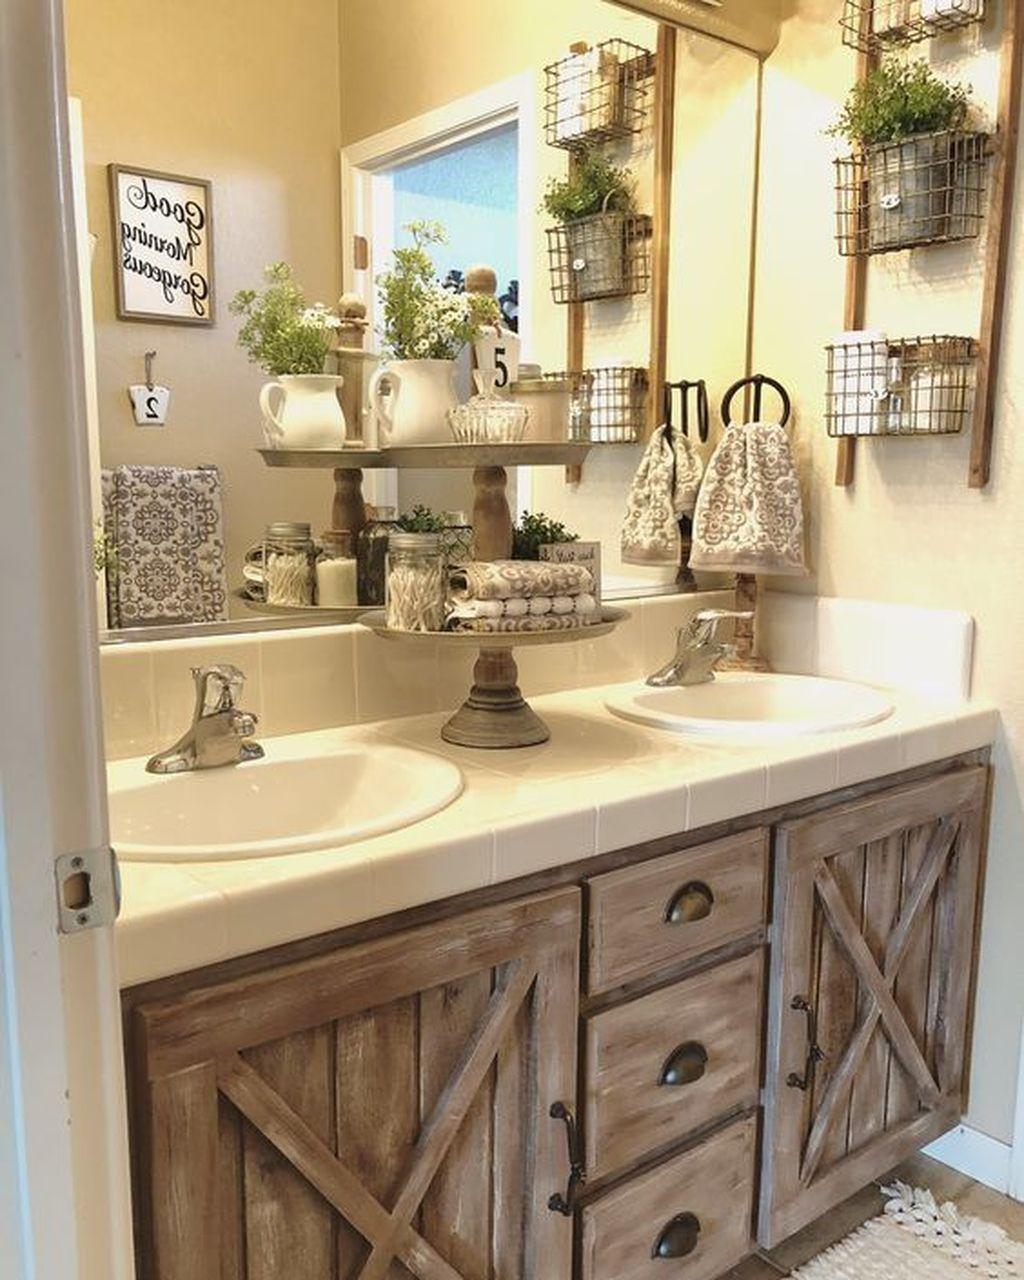 25 Farmhouse Bathroom Ideas For Bathroom Remodel - M22